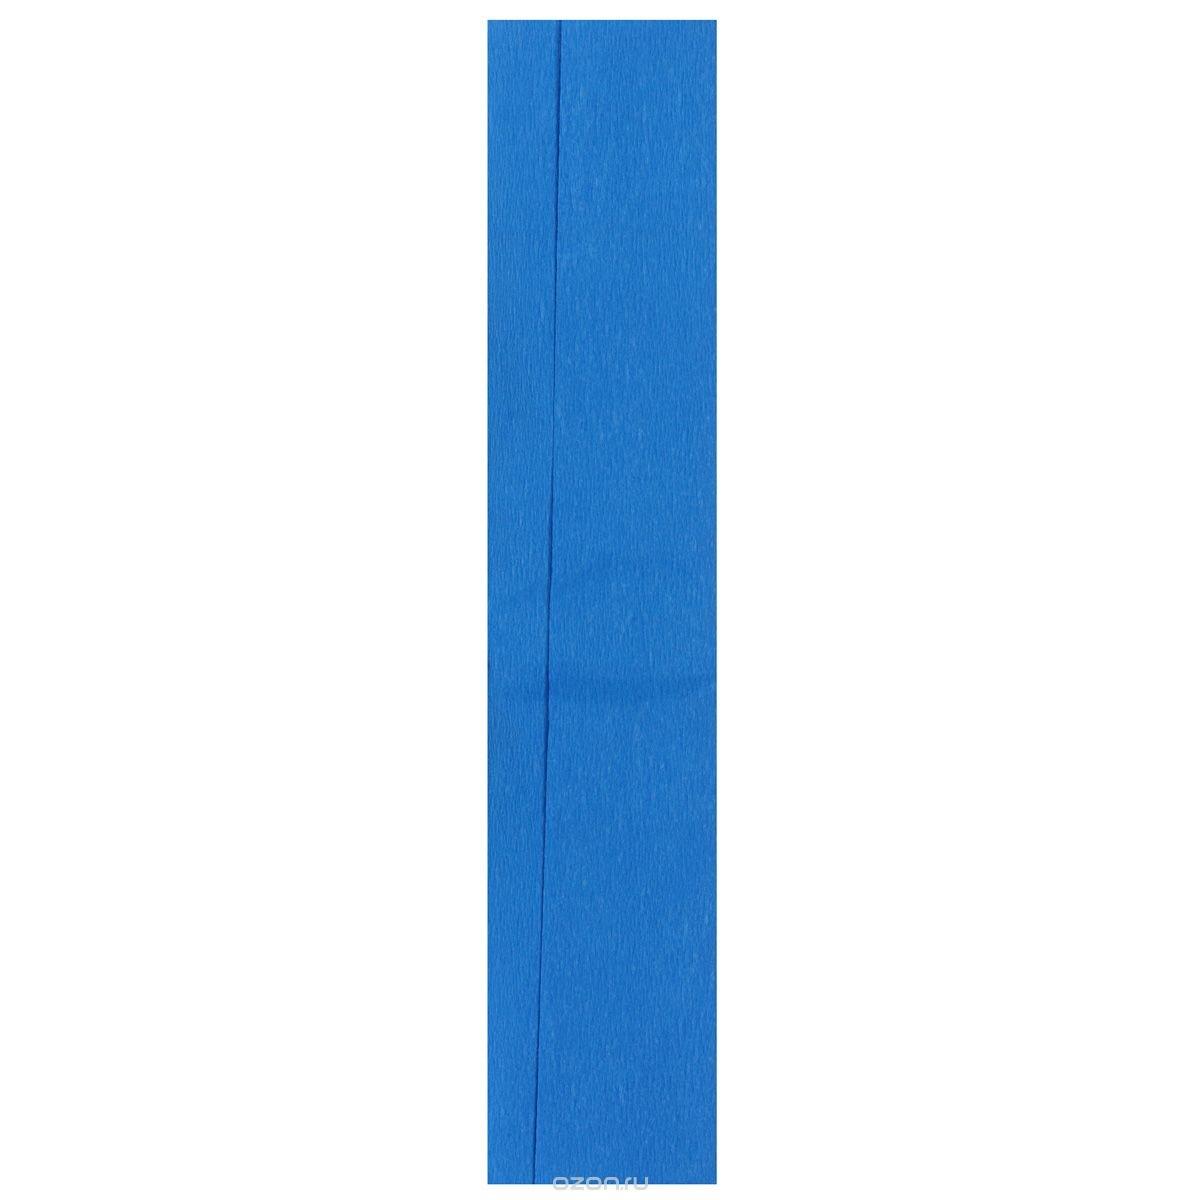 Цветная бумага крепированная 50x70 см folia